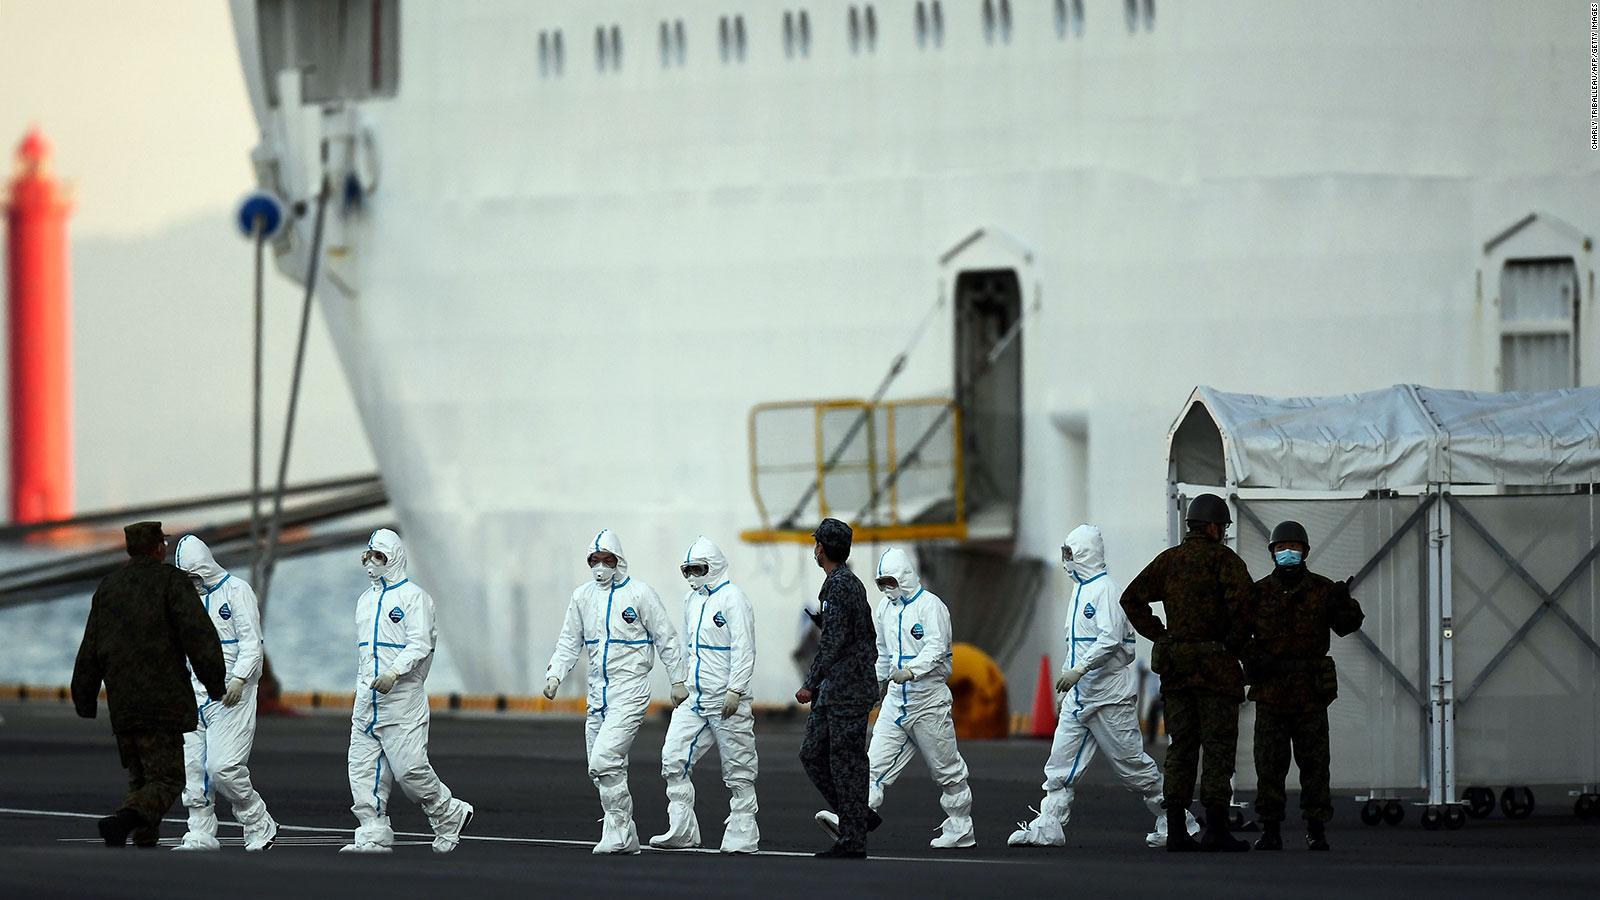 Tại sao du khách không ngần ngại đi tàu biển khi virus corona vẫn đang diễn biến phức tạp? - Ảnh 2.